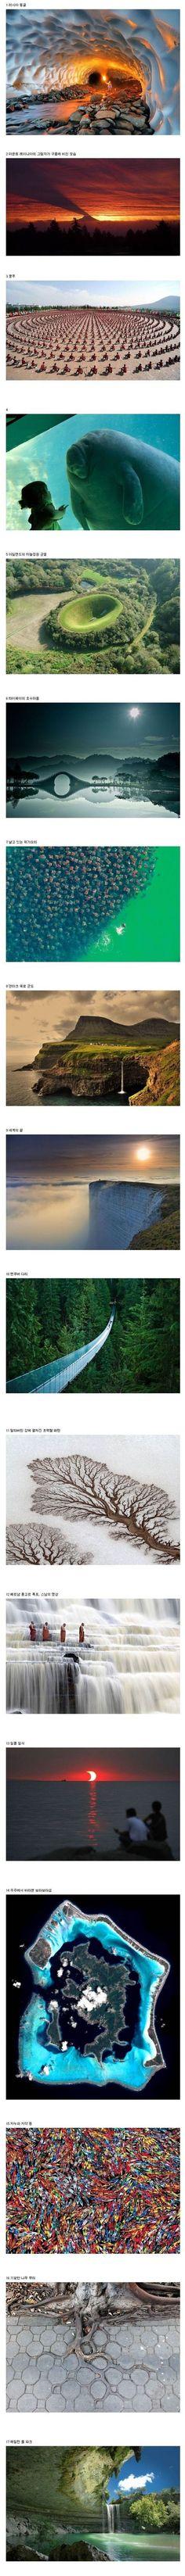 클리앙 > 모두의공원 > 상반기에 뽑힌 올해의 사진.JPG